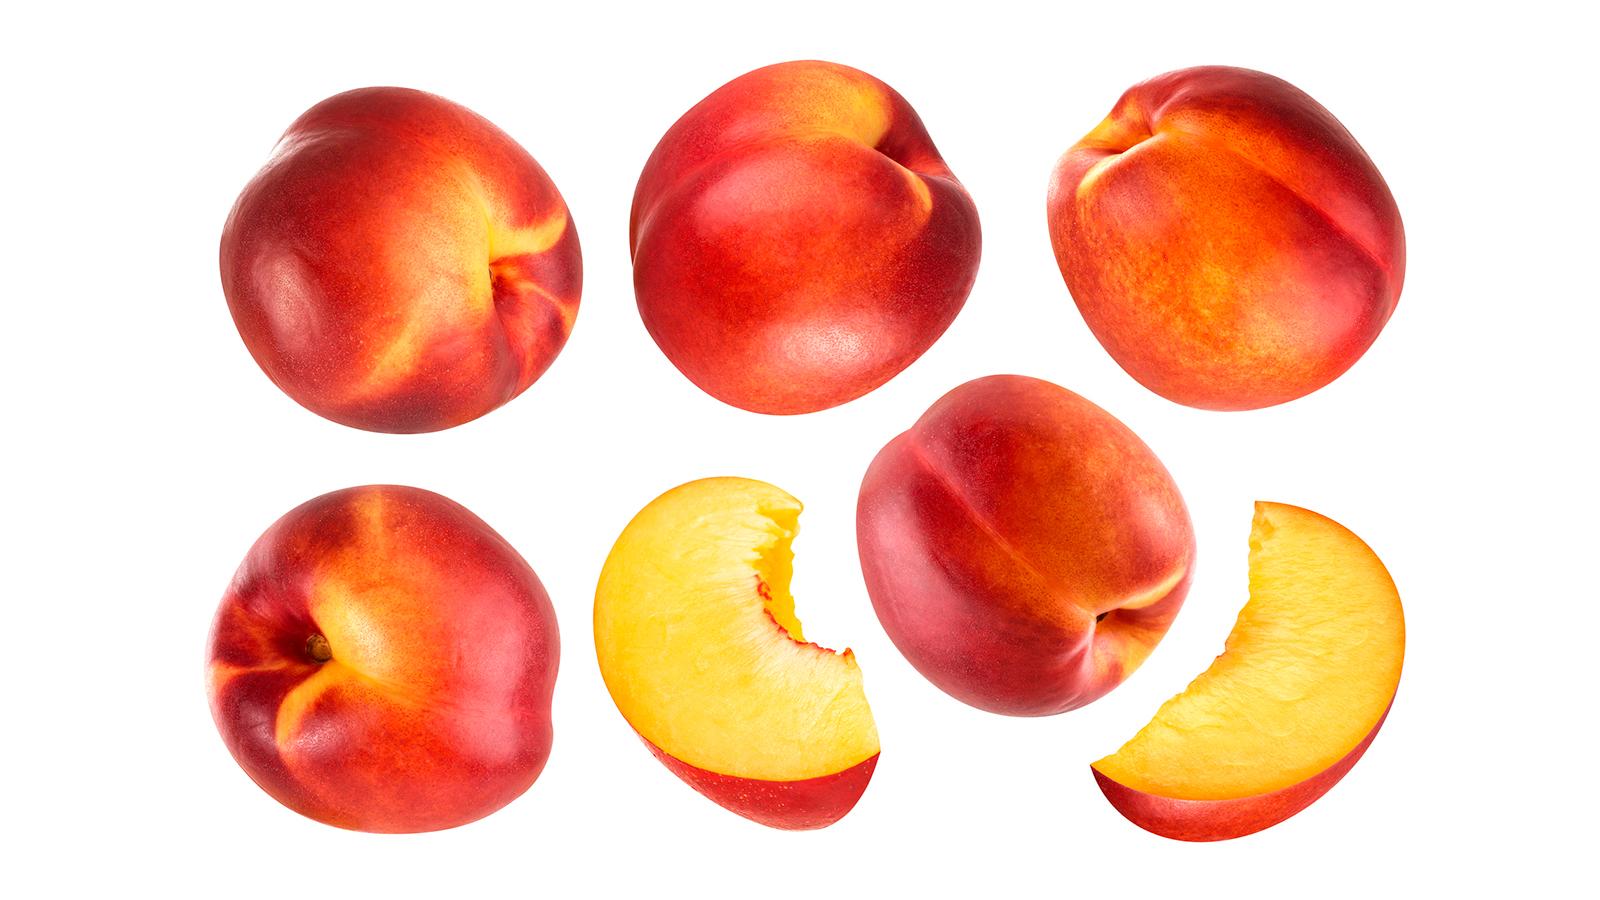 桃は食べてもいいの?糖質制限を始める前に、知っておくべき事実とは